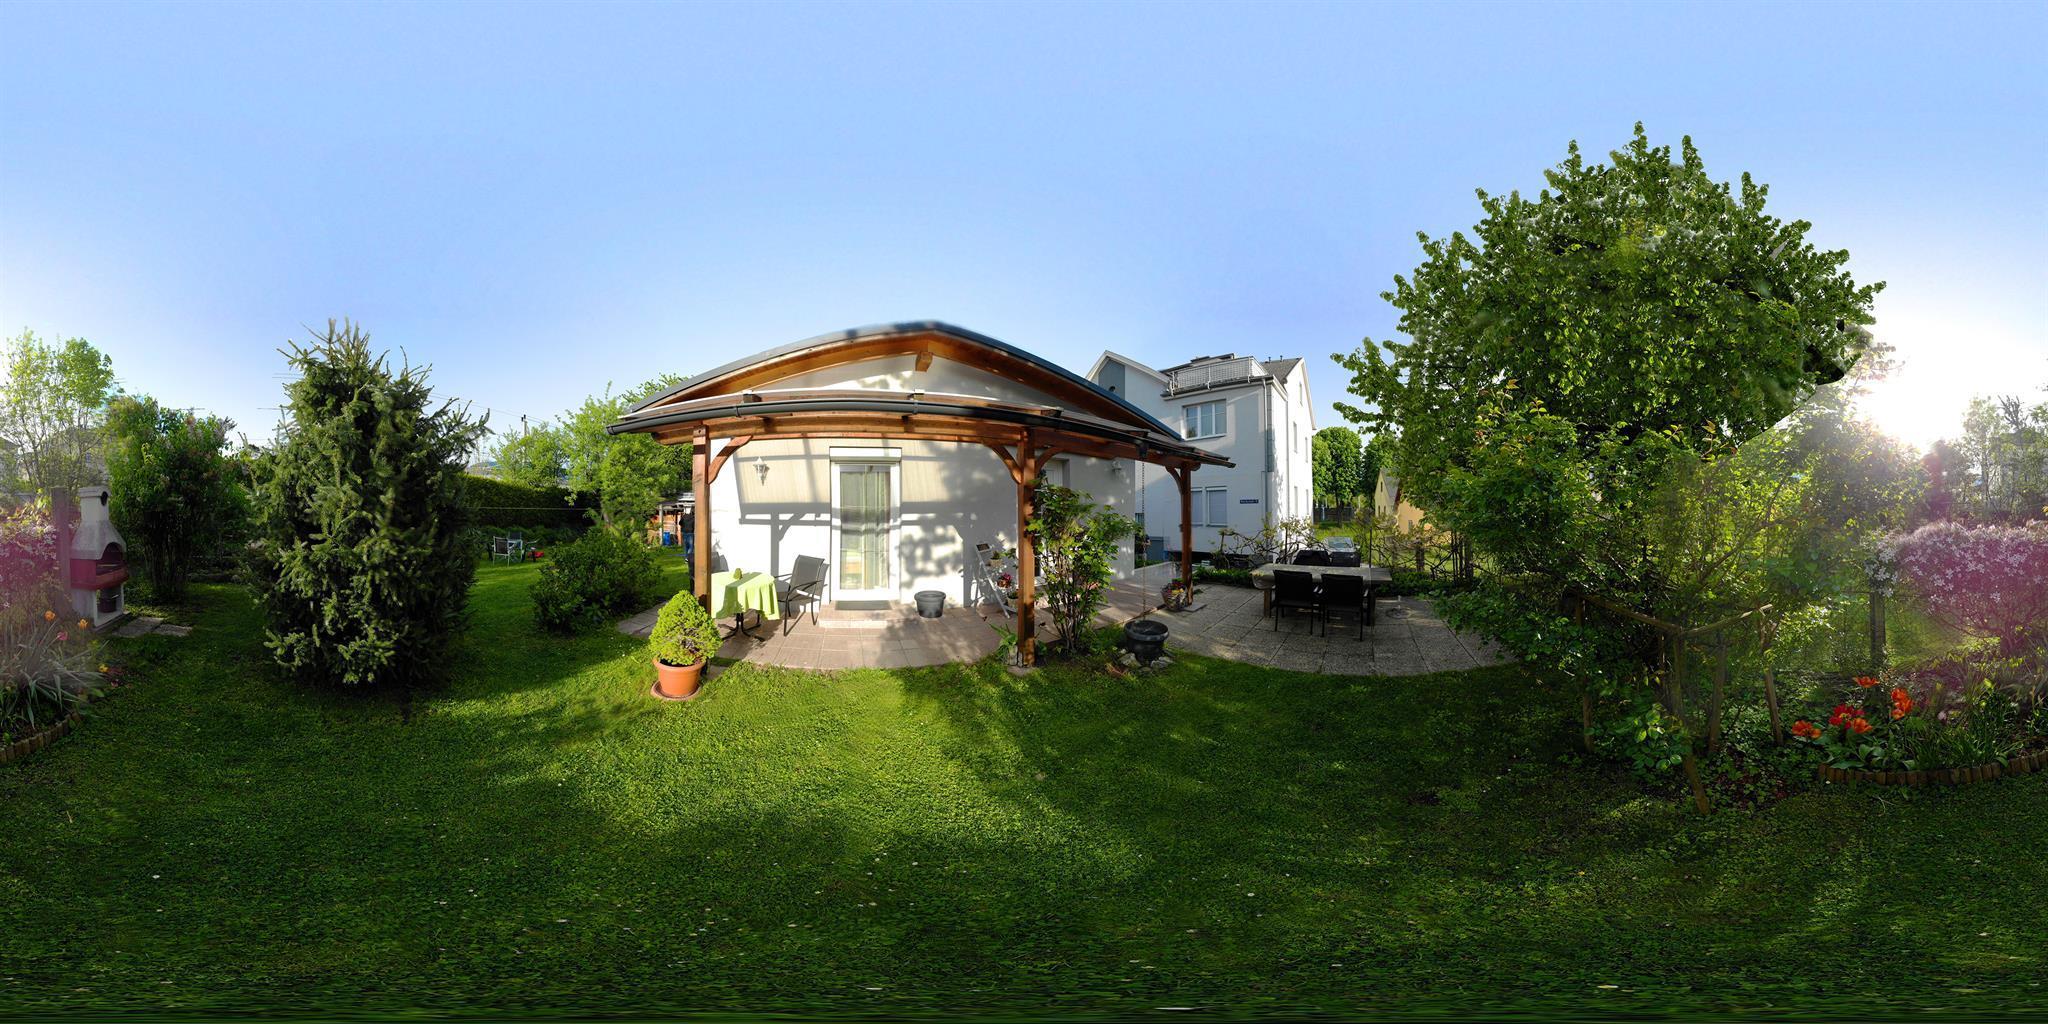 Ferienhaus Villach Villach (2548000), Villach, Villach, Kärnten, Österreich, Bild 47